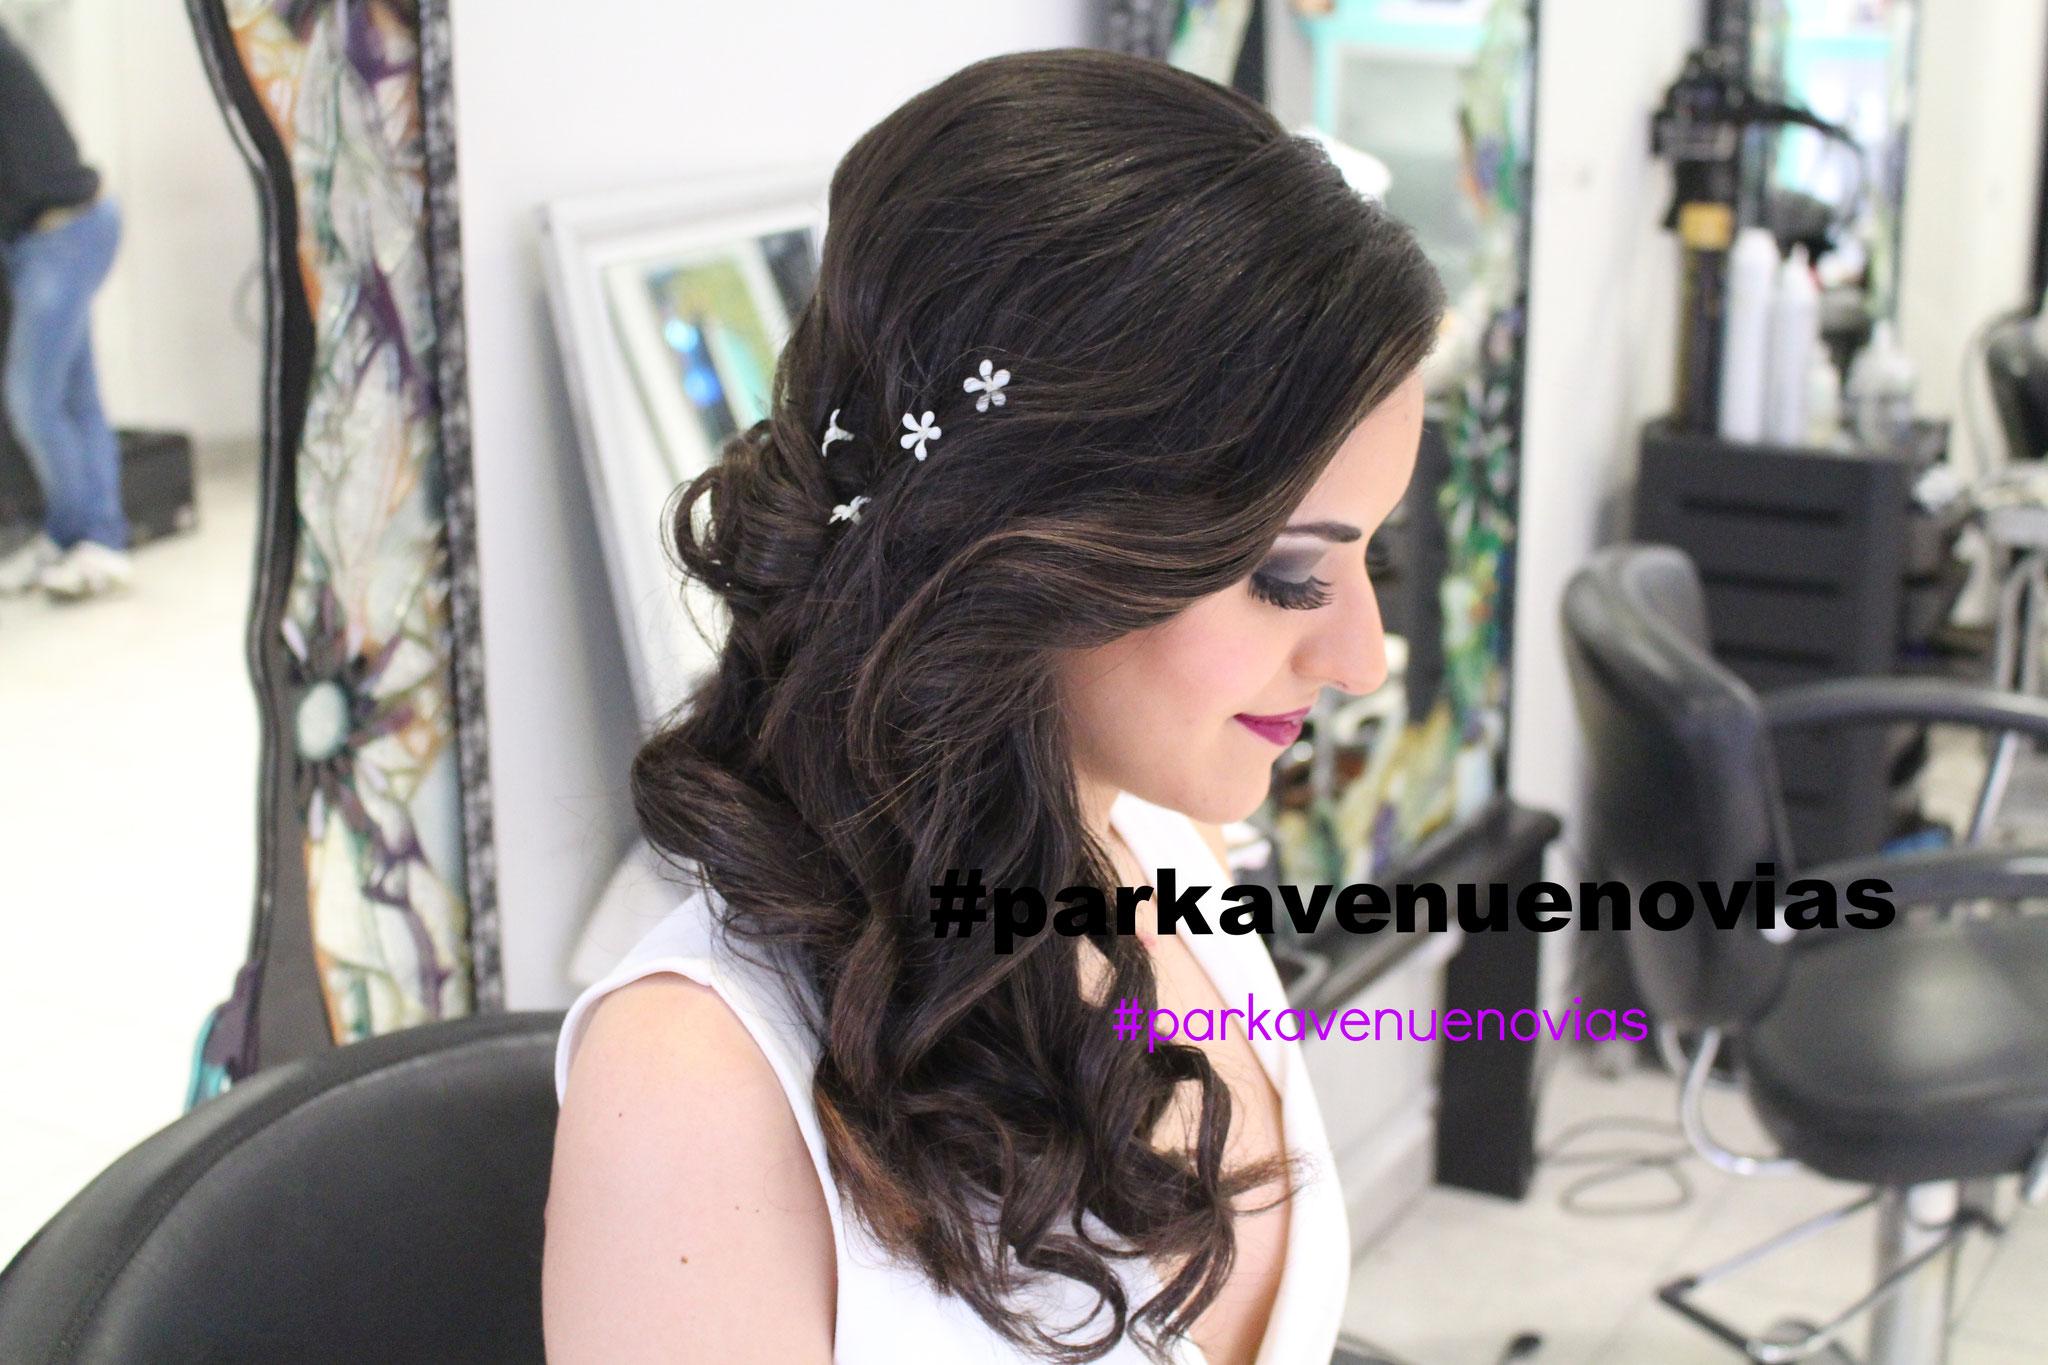 Peinado y Maquillaje by Park Avenue Cuernavaca Video en You Tube